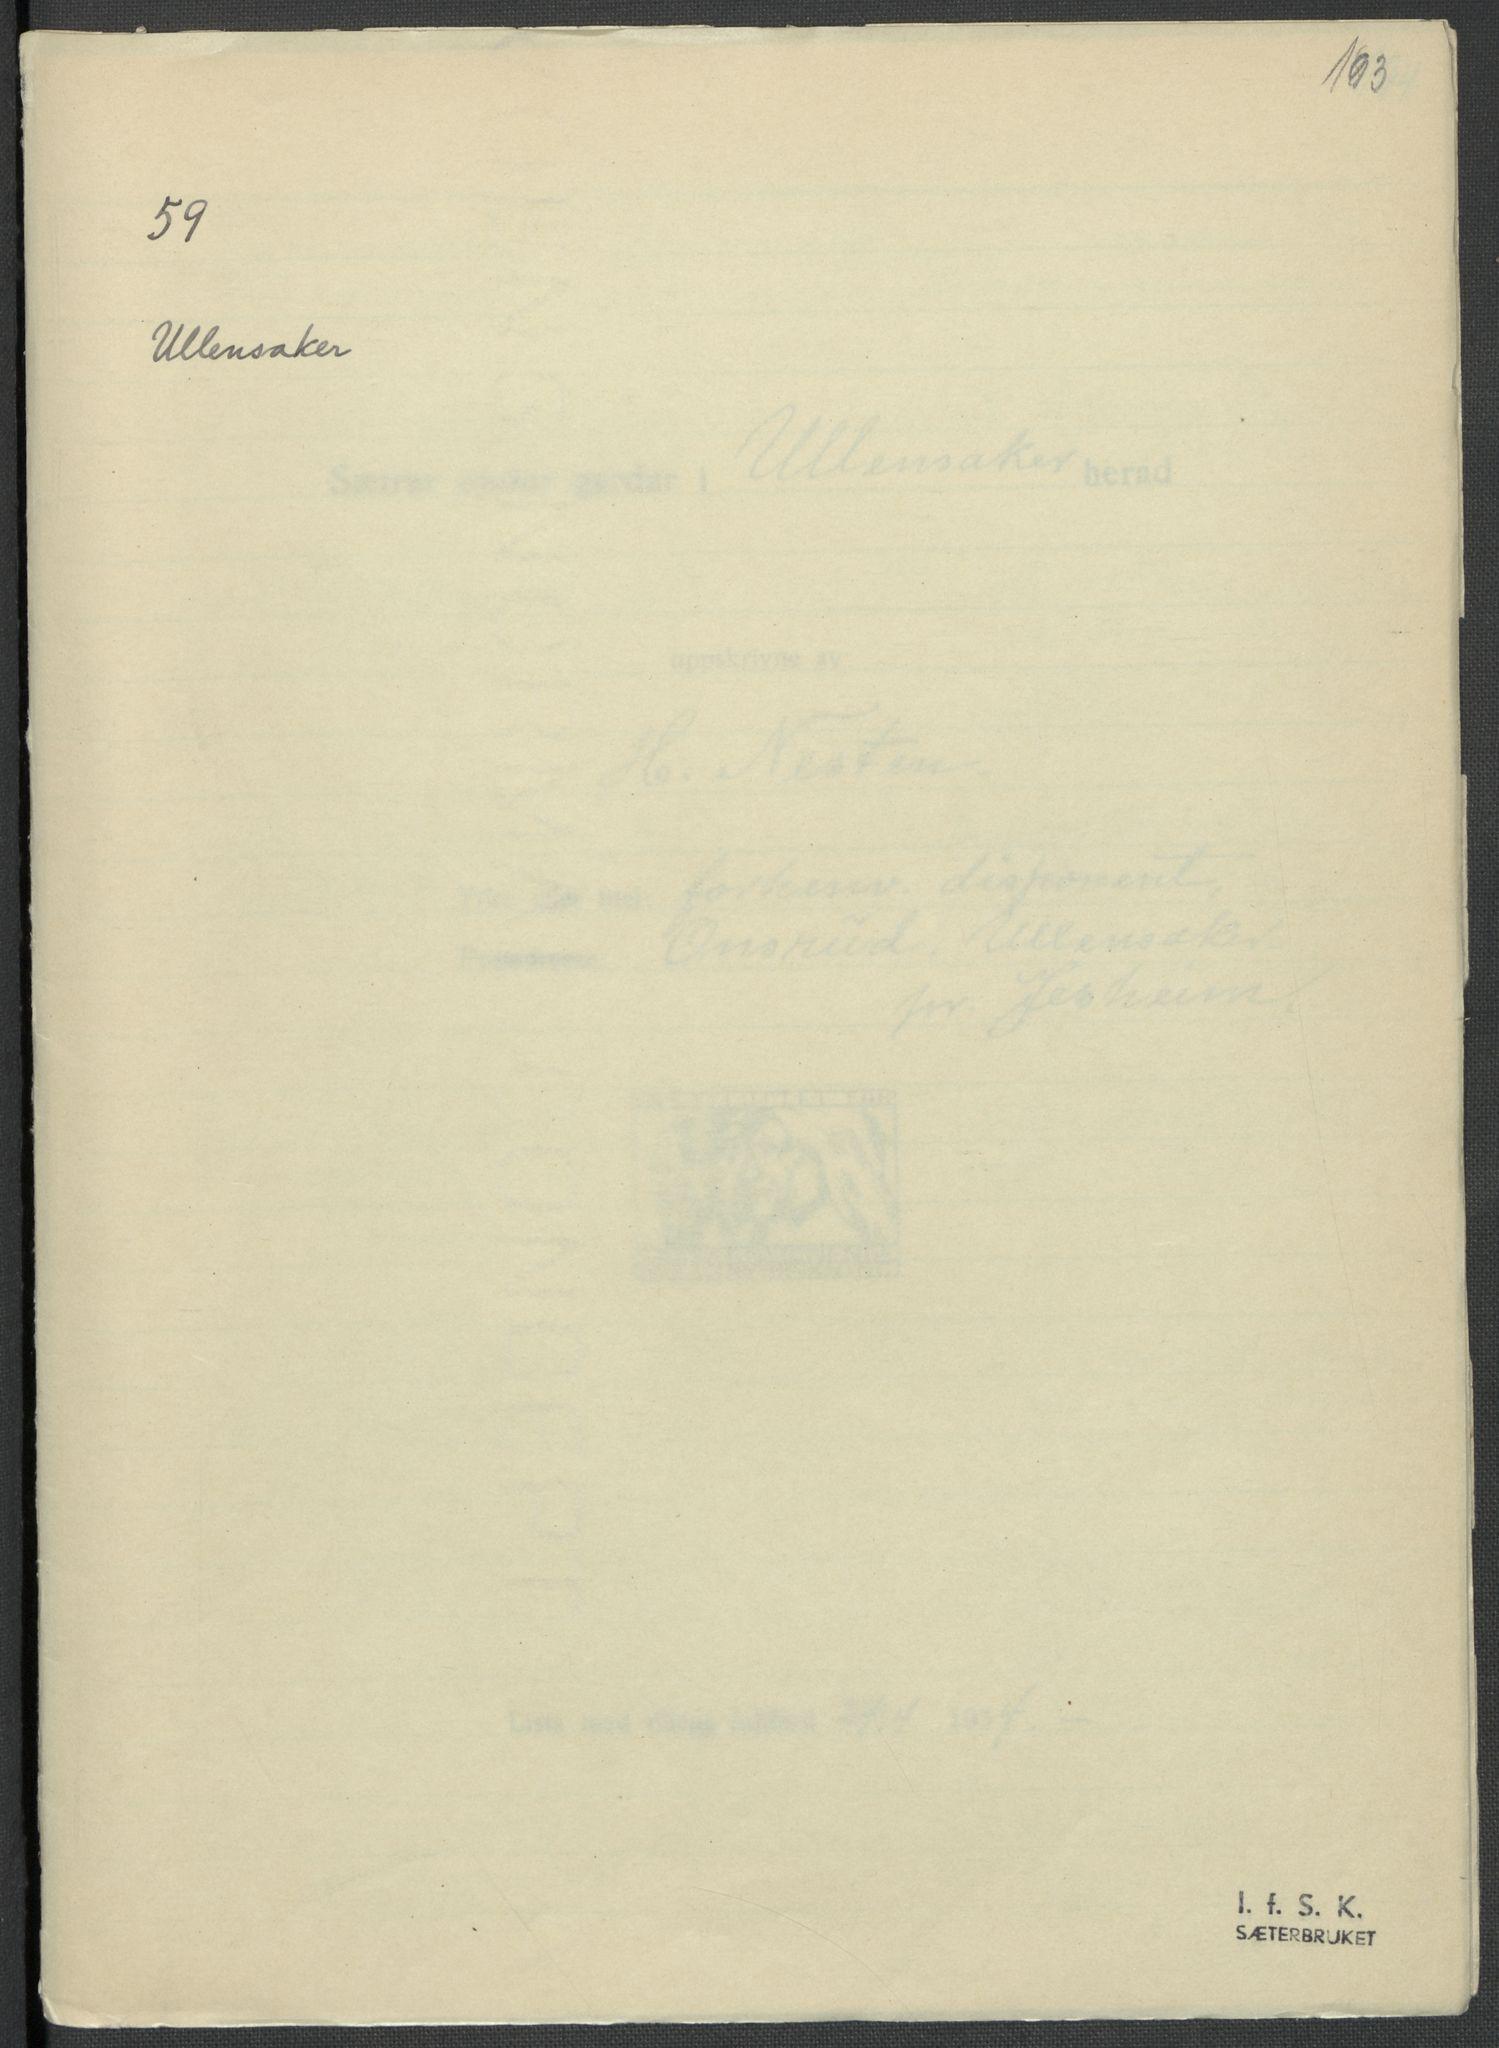 RA, Instituttet for sammenlignende kulturforskning, F/Fc/L0002: Eske B2:, 1932-1936, s. 193